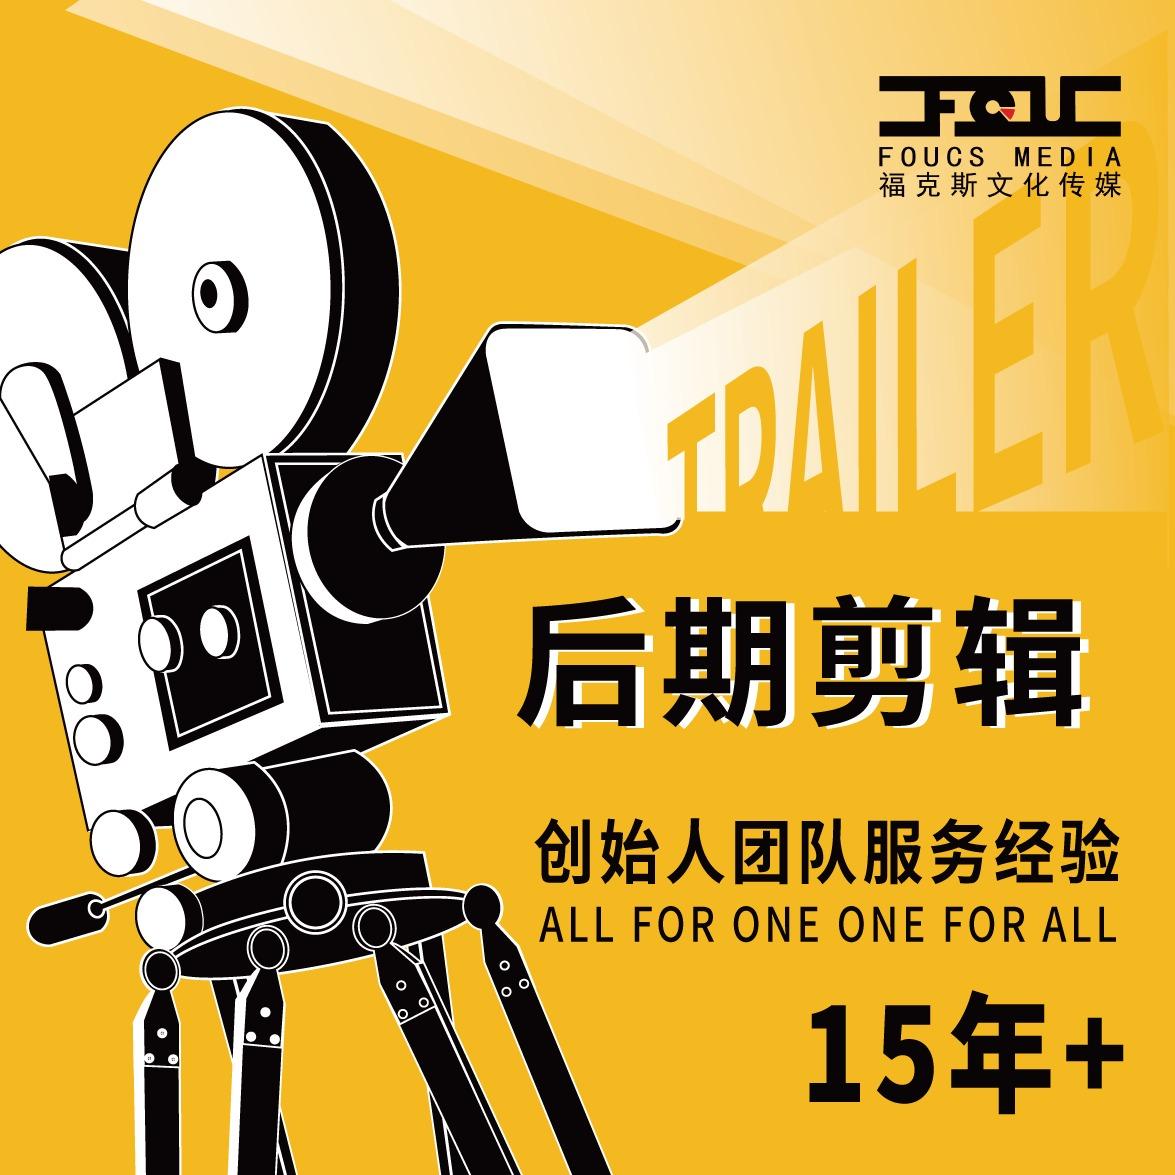 【后期剪辑】视频包装后期制作配音广告微电影纪录片精剪